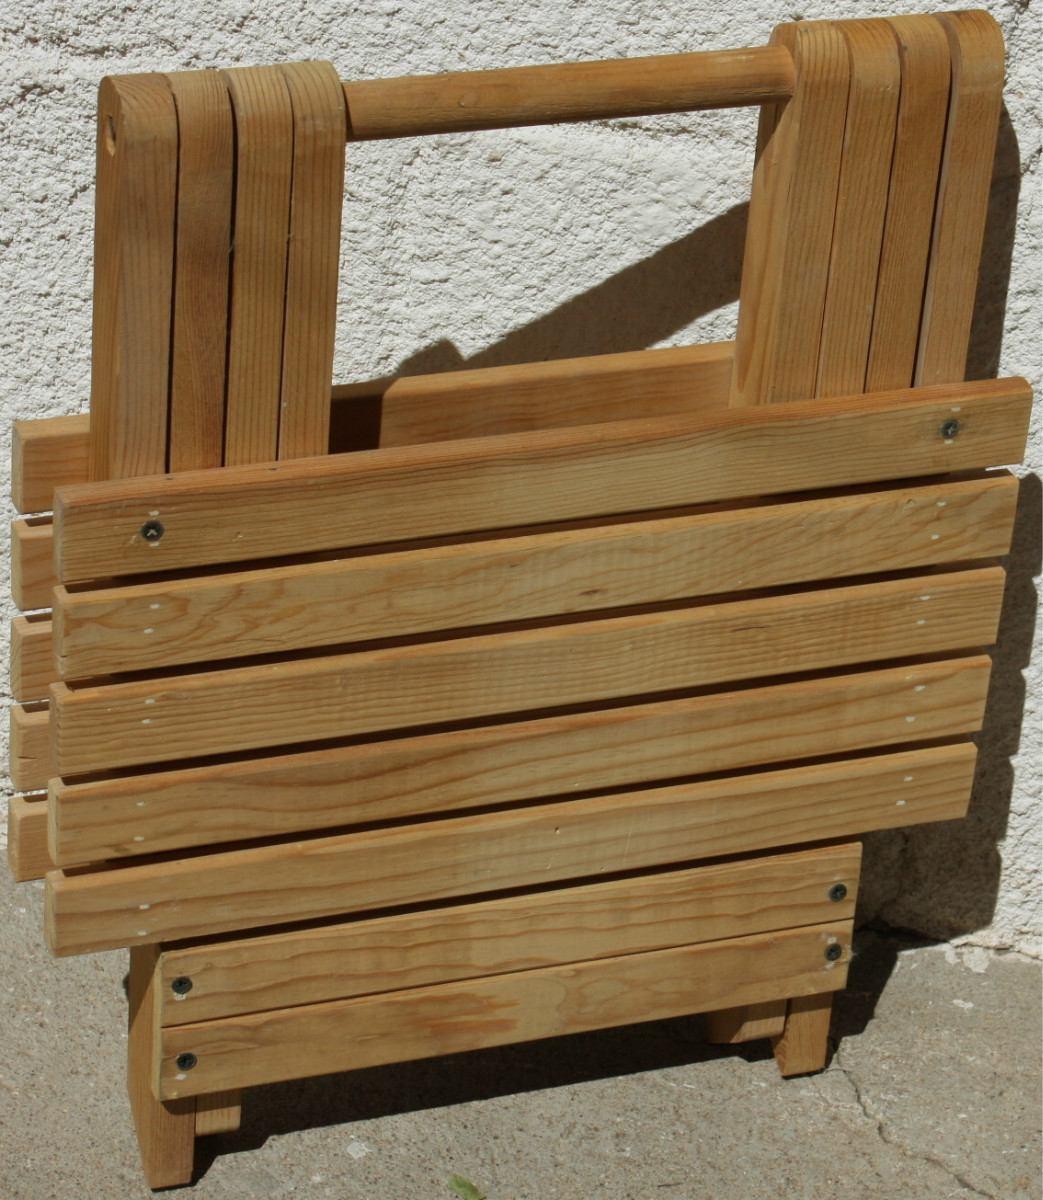 Banco de jard n mueble plegable madera jardin interiores for Bancos de jardin precios